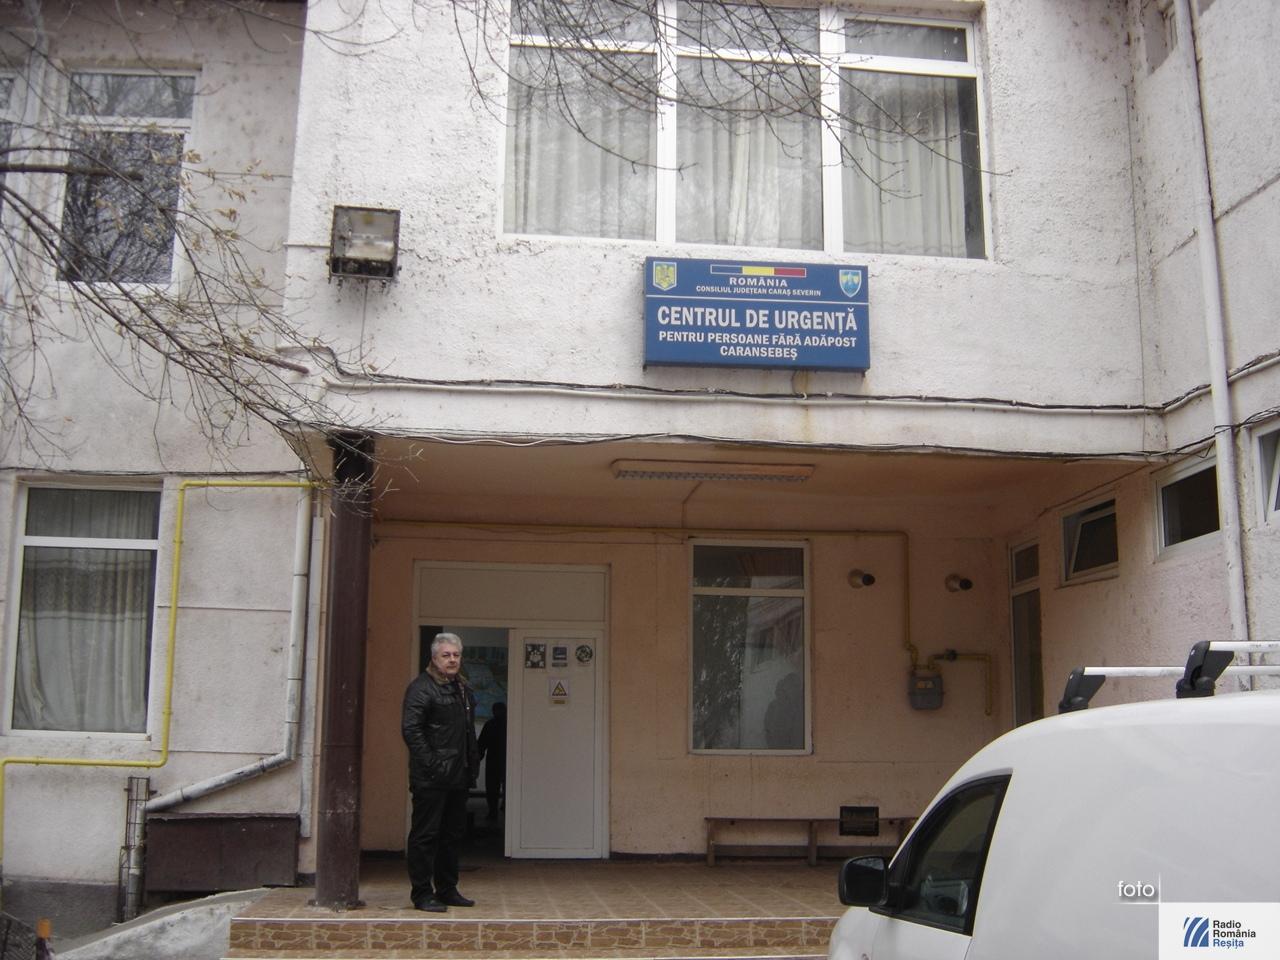 Centrul de Urgenta pentru Persoane fara Adapost Caransebes